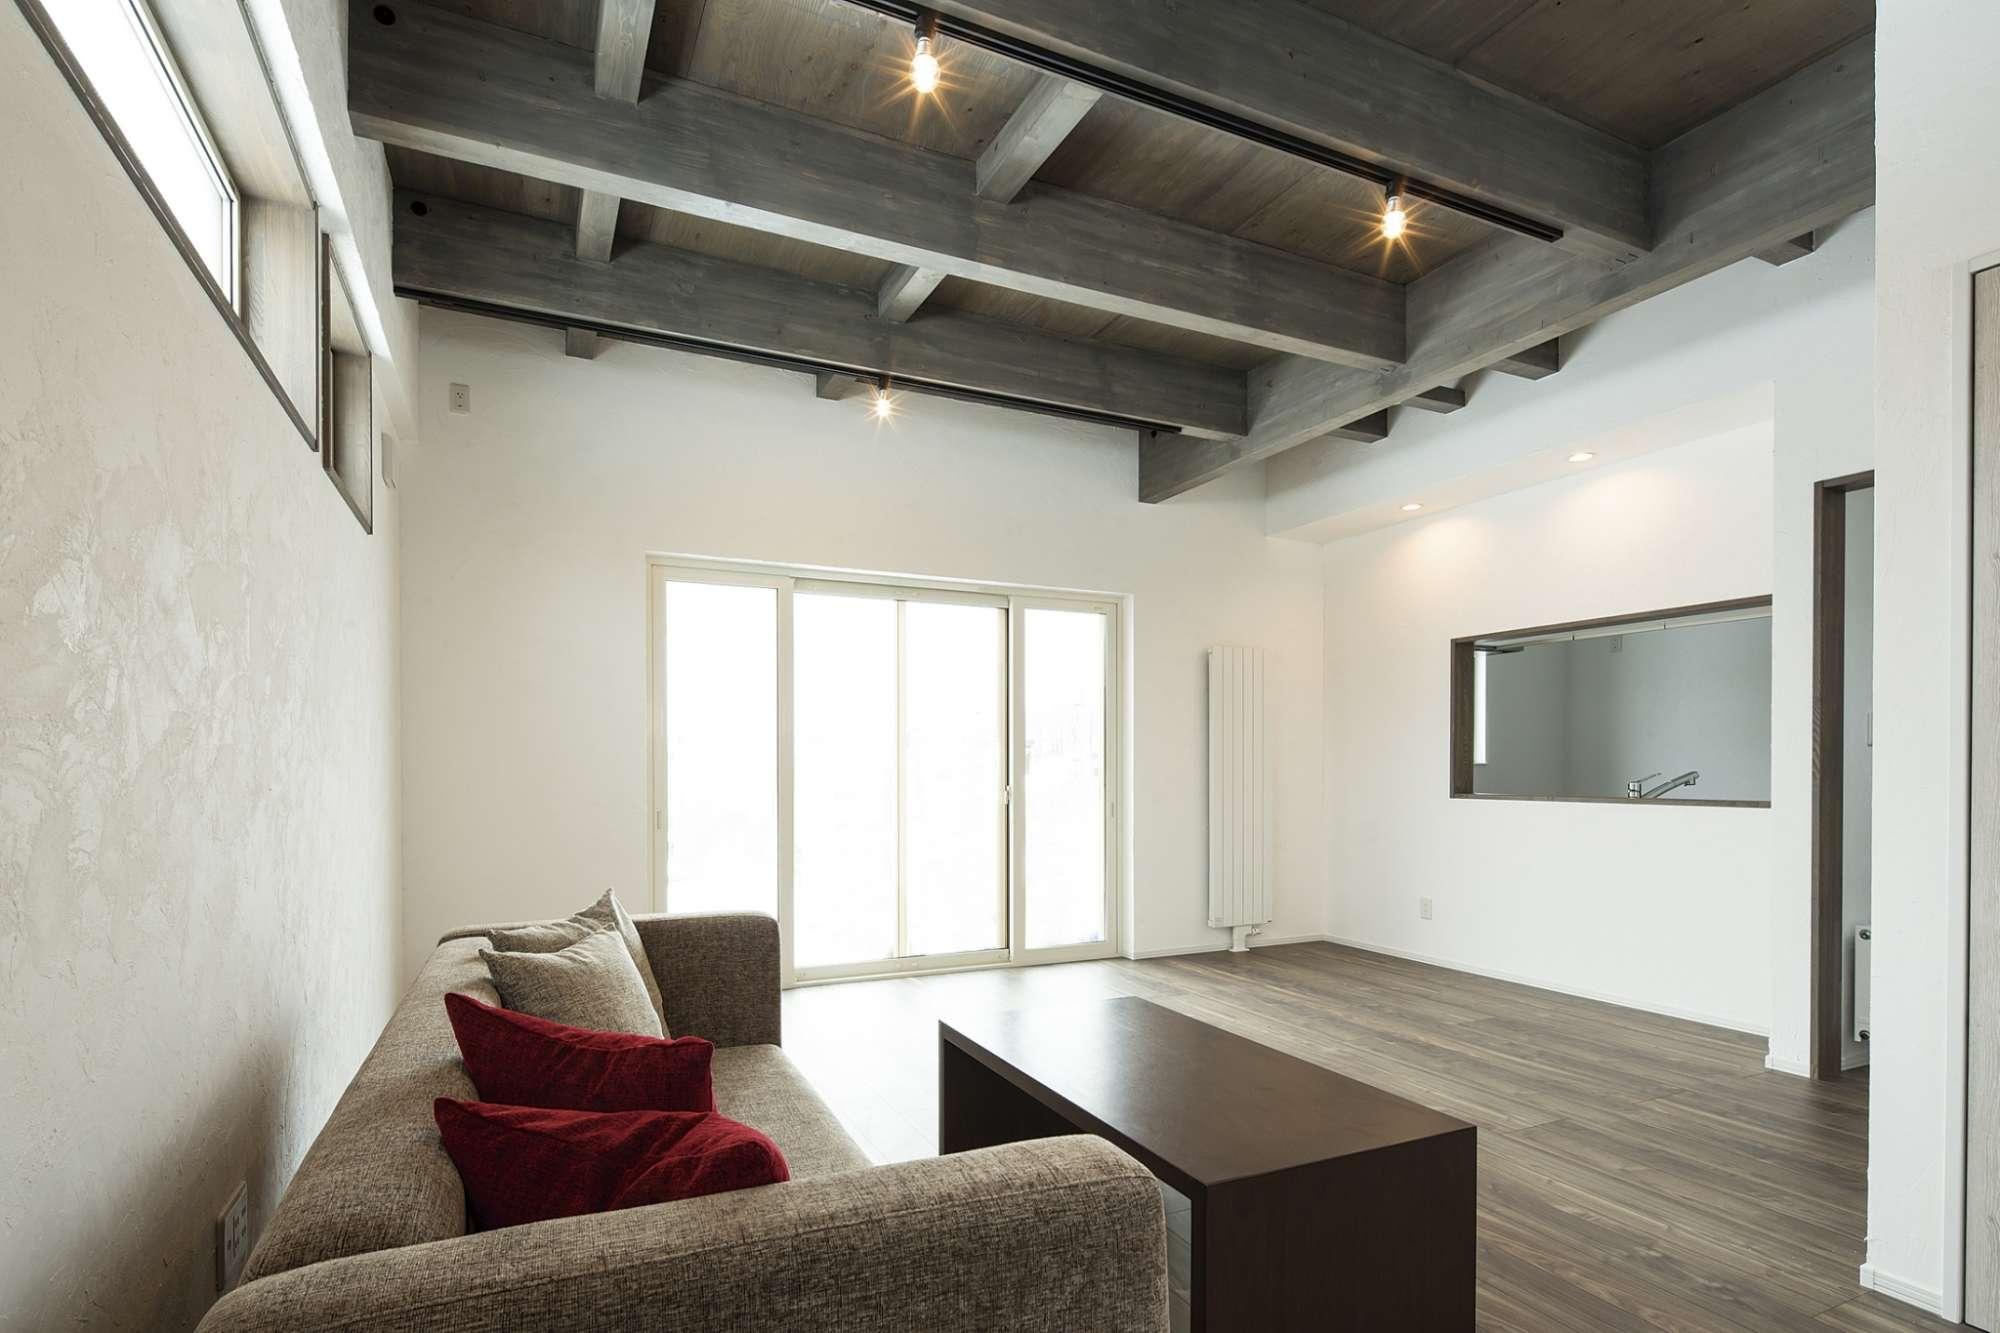 ダイナミックな梁と高い天井で開放感を感じるリビング -  -  -